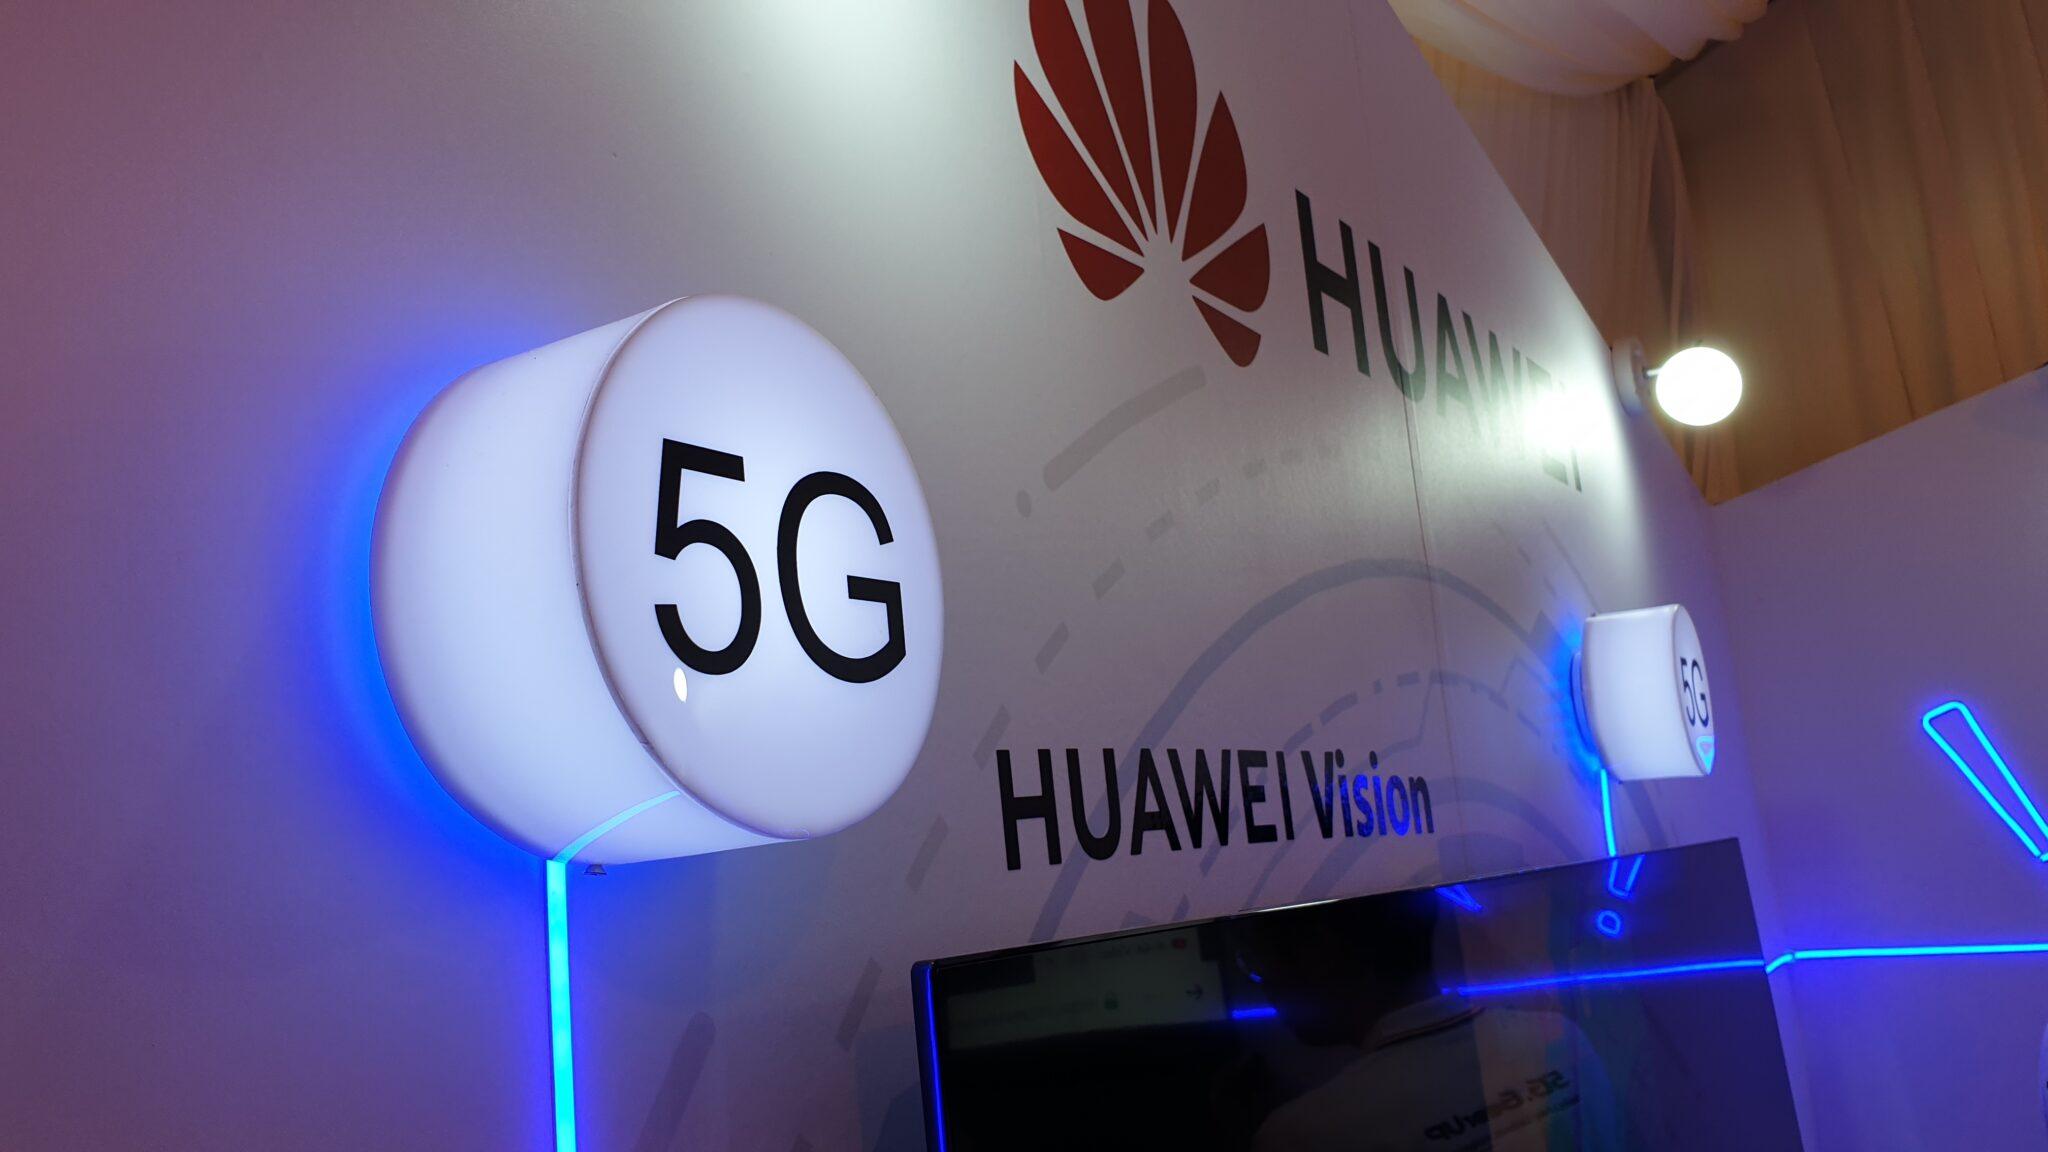 Huawei Mate30 Pro 5G showcase